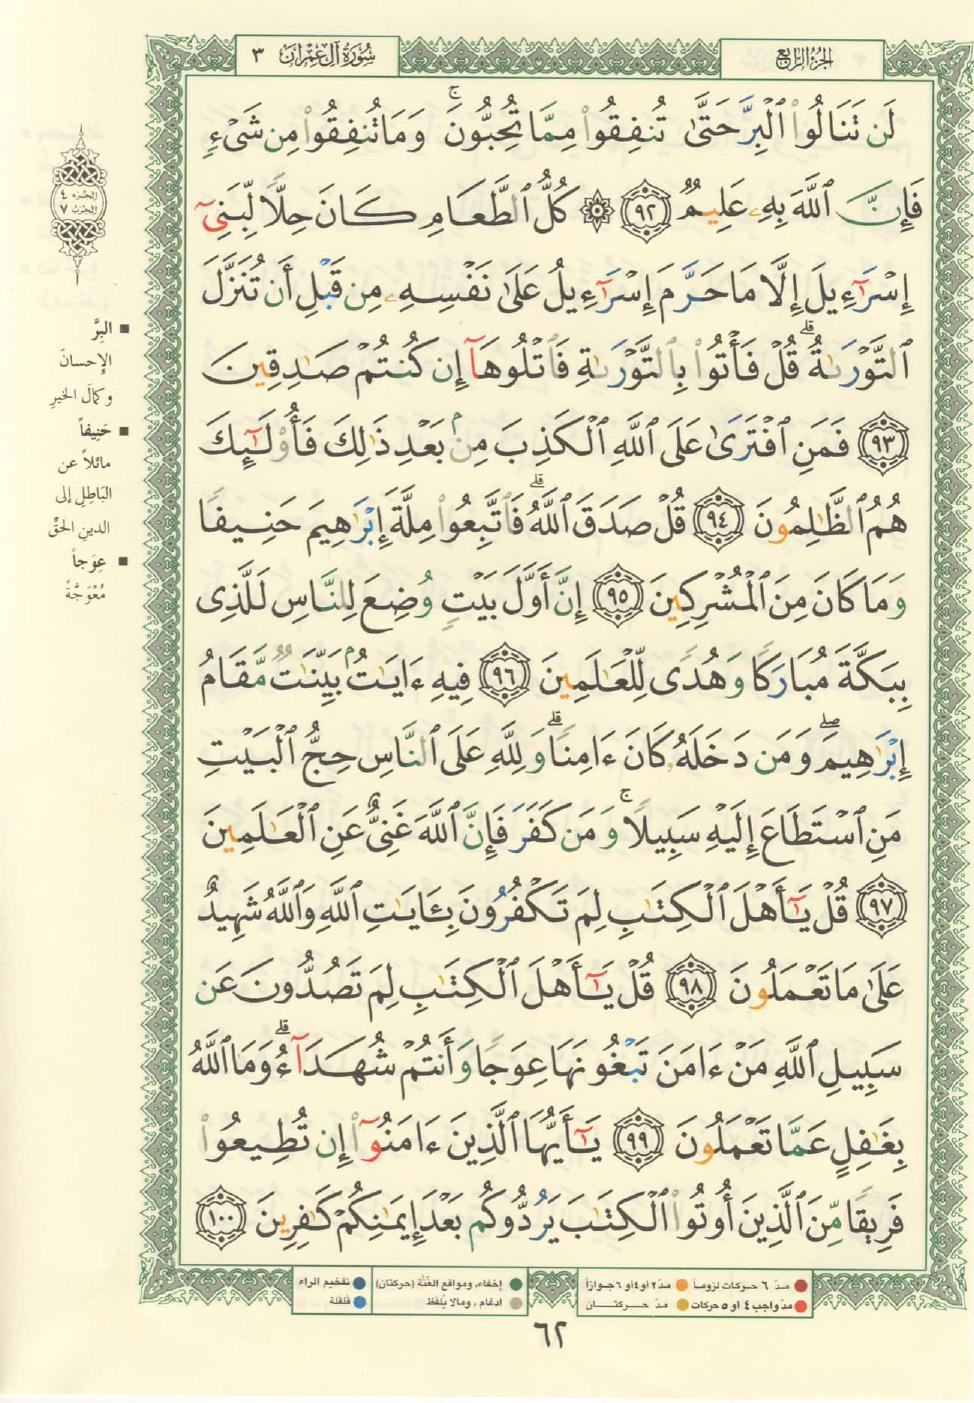 3. سورة آل عمران - Al-Imran مصورة من المصحف الشريف Quran_tajwid_000071